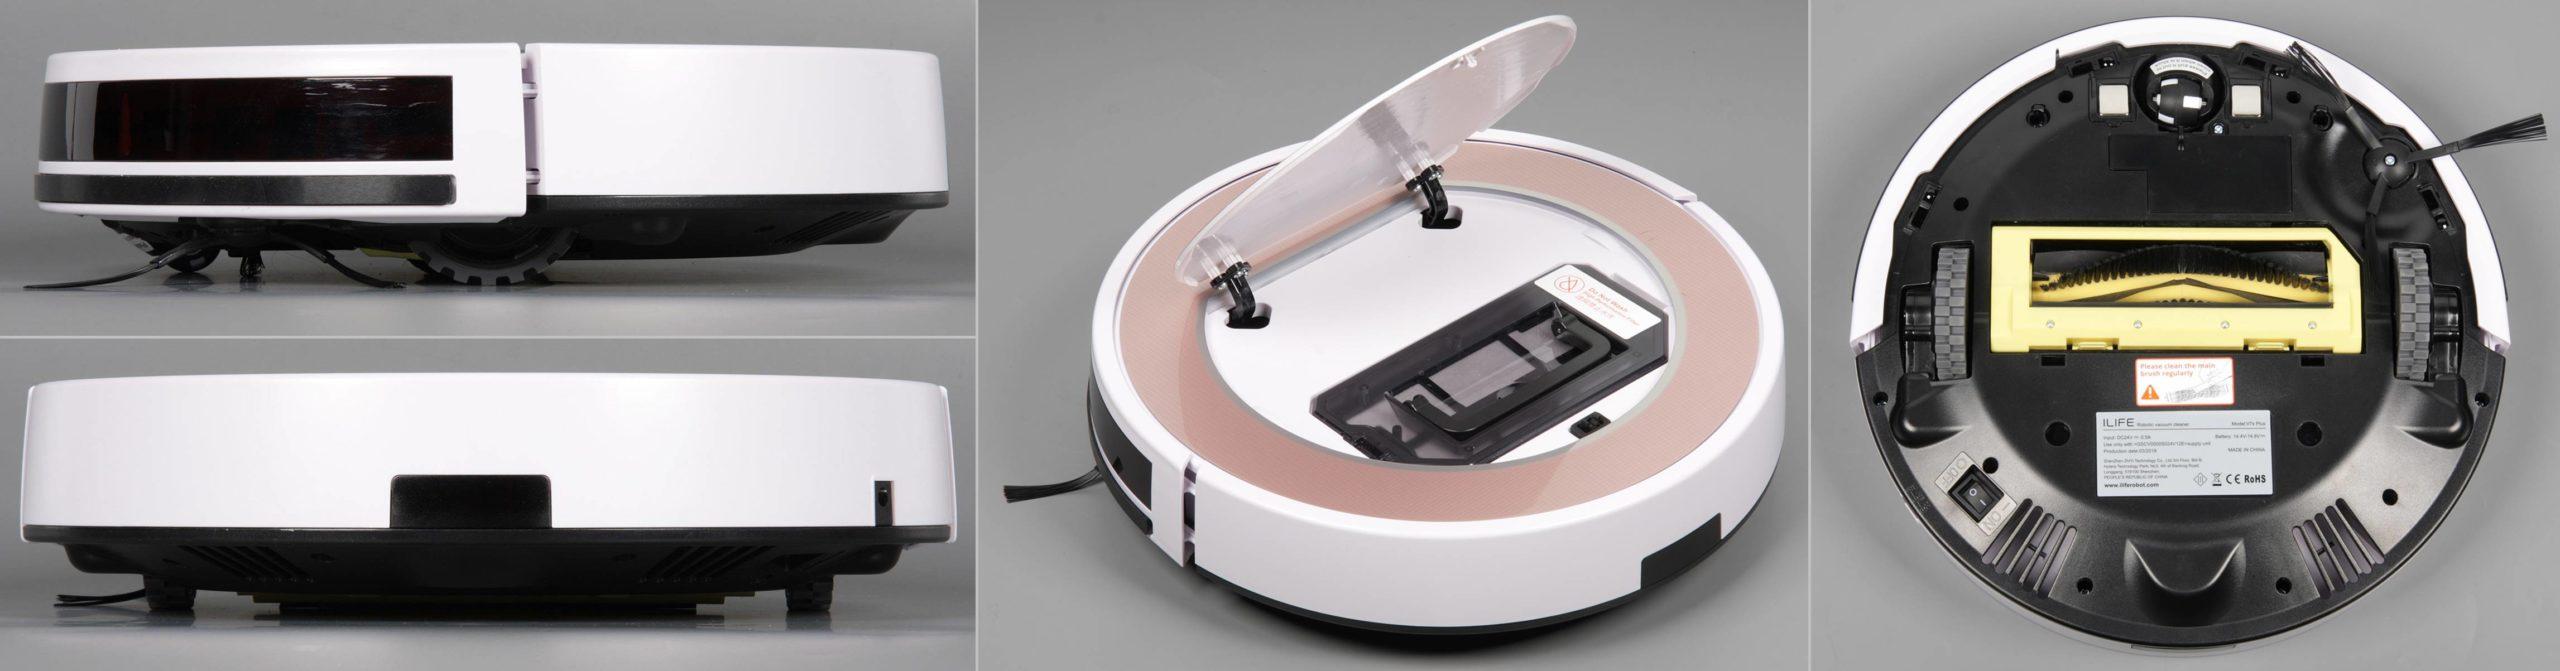 ilife v7s plus робот пылесос